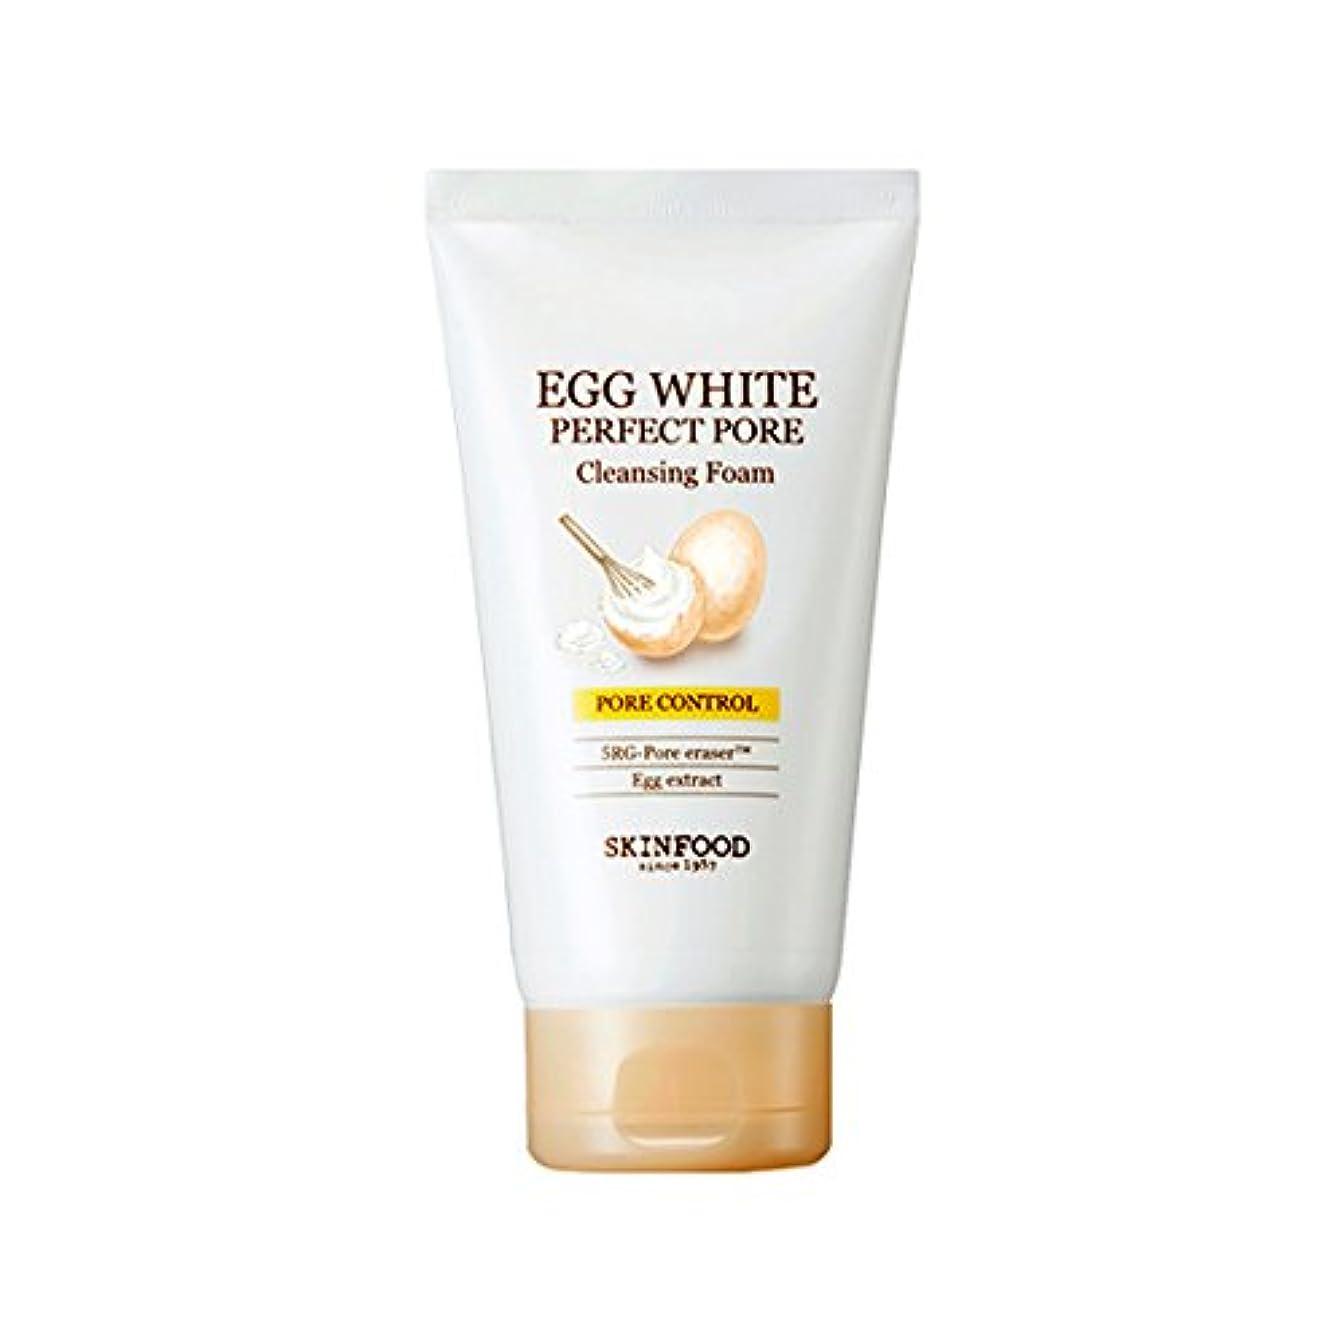 バンカー箱言い訳Skinfood/Egg White Perfect Pore Cleansing Foam/エッグホワイトパーフェクトポアクレンジングフォーム/150ml [並行輸入品]